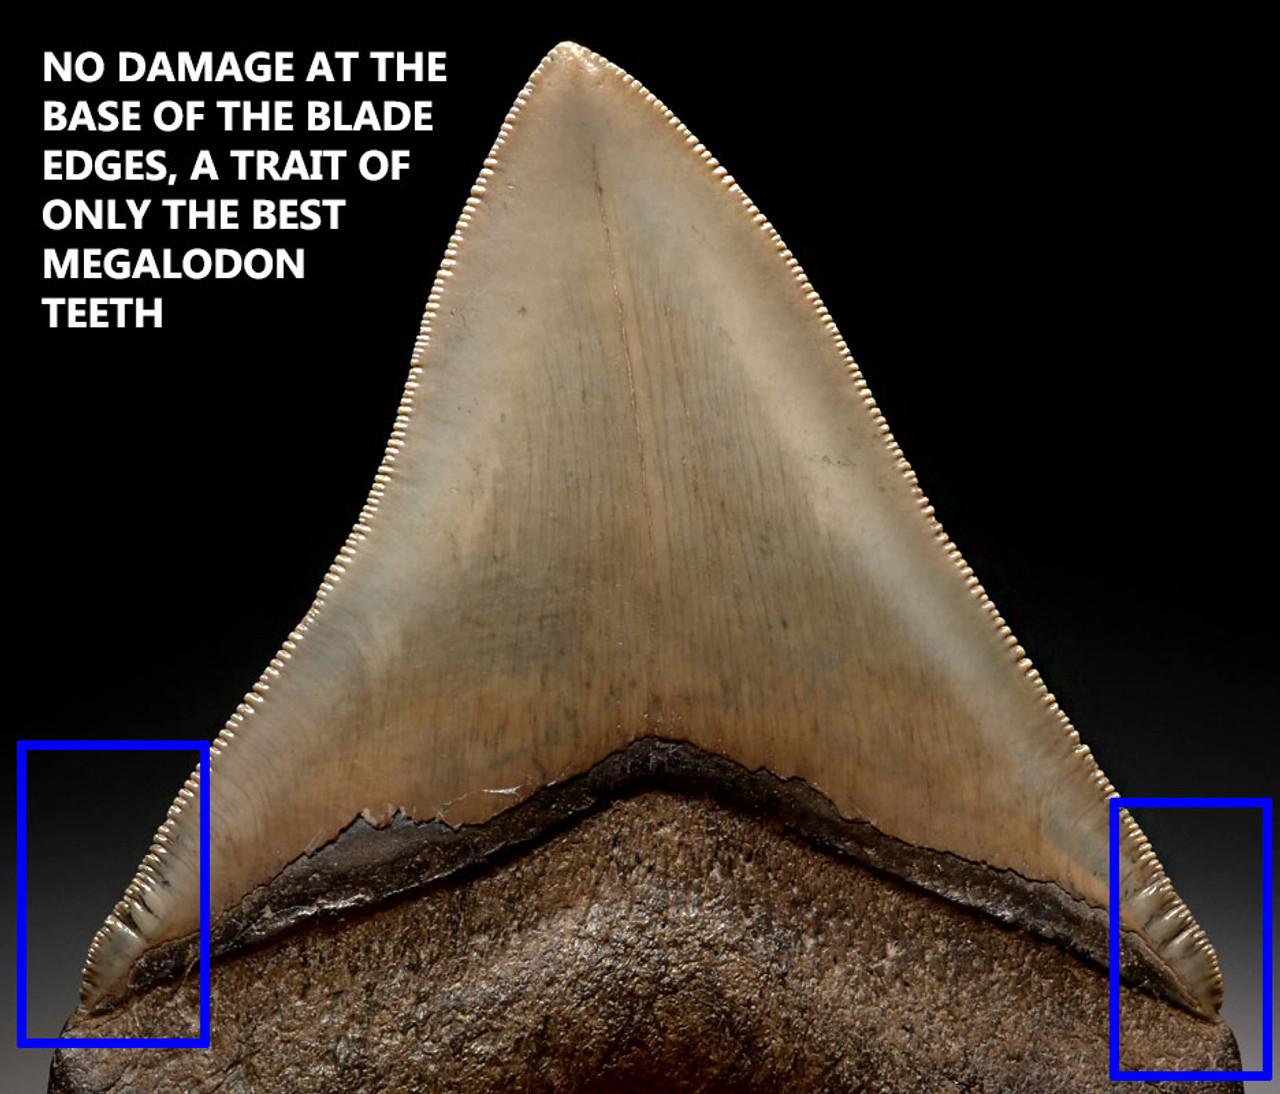 SH6-344 - FINEST GRADE 4.25 INCH MEGALODON FOSSIL SHARK TOOTH